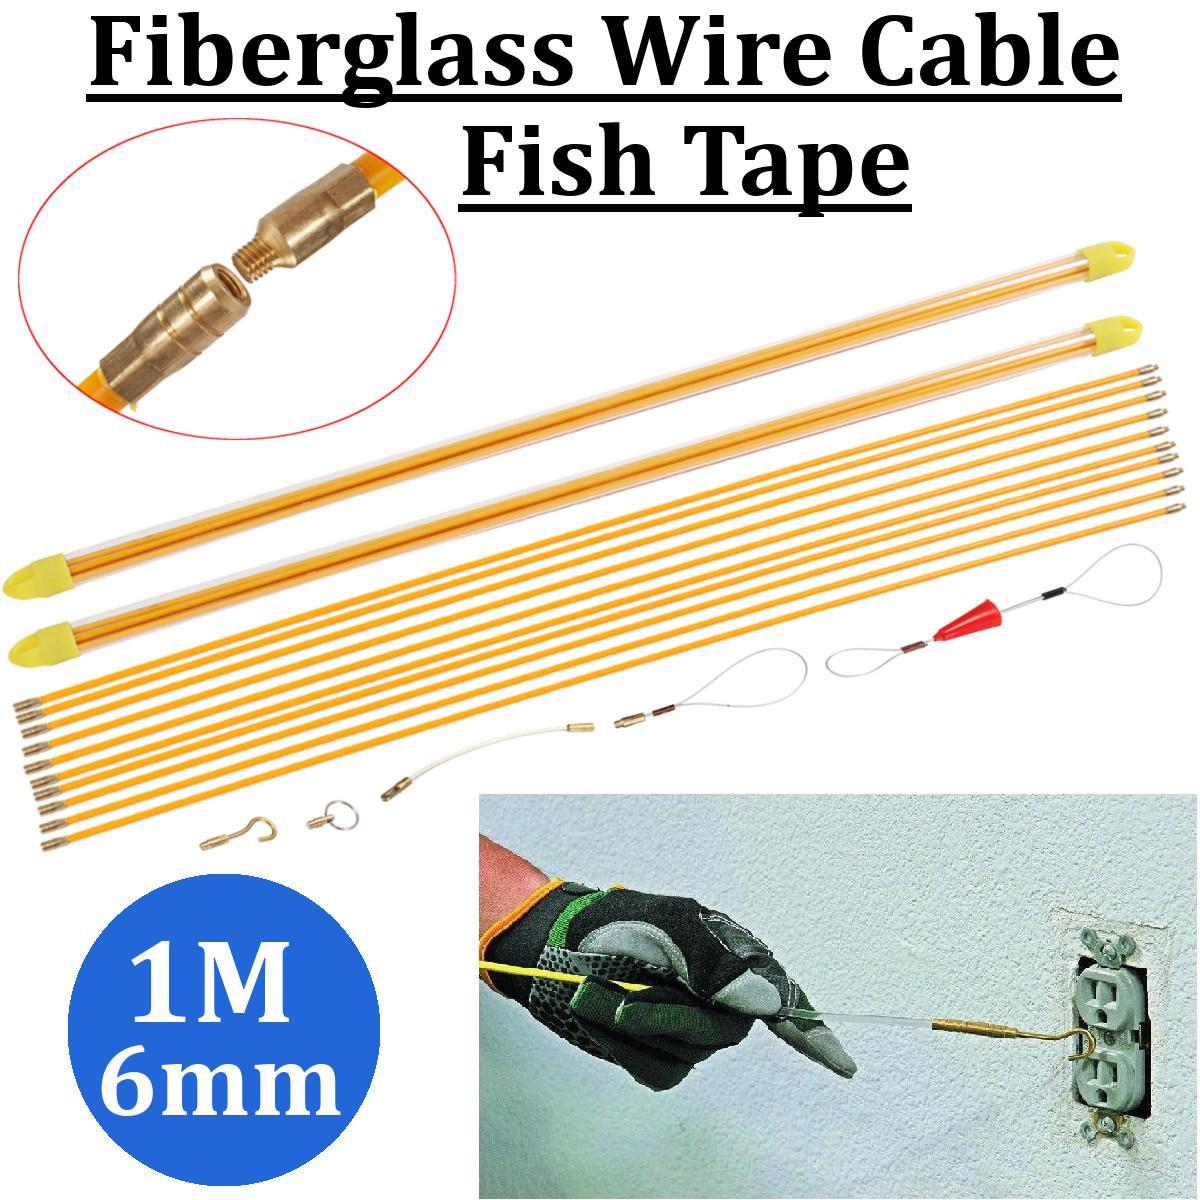 10x1 M 6mm En Fiber De Verre Fil Câble Tige Extracteur Électrique bande de poissons Push Pull Kit En Fiber De Verre Fil Câble Tige extracteur Outil Ensemble Durable